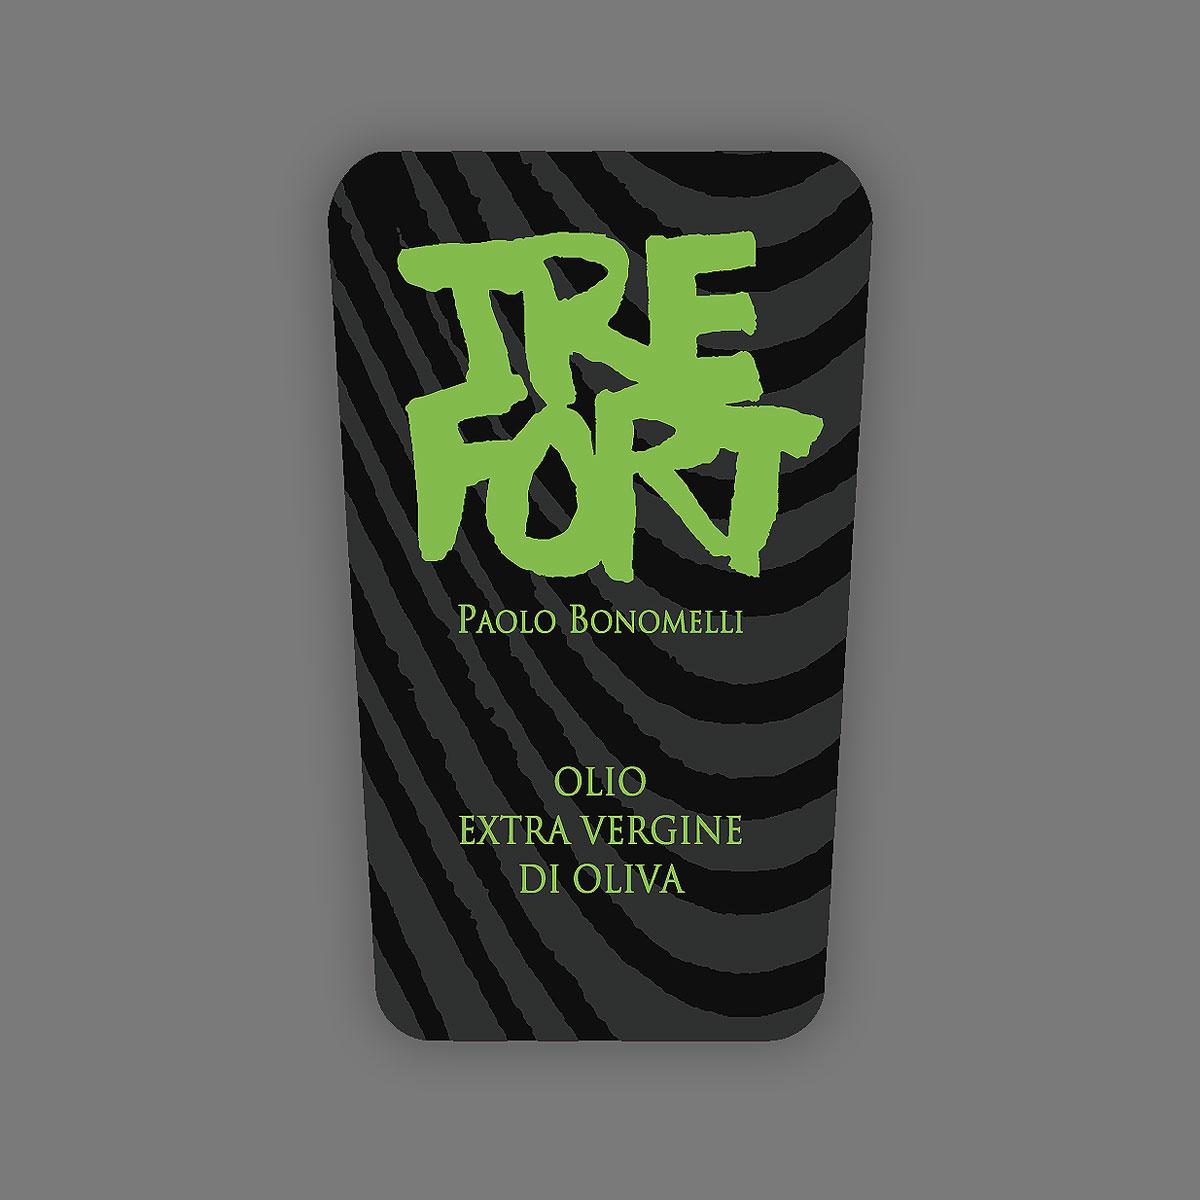 TreFort-Bonomelli, etichetta